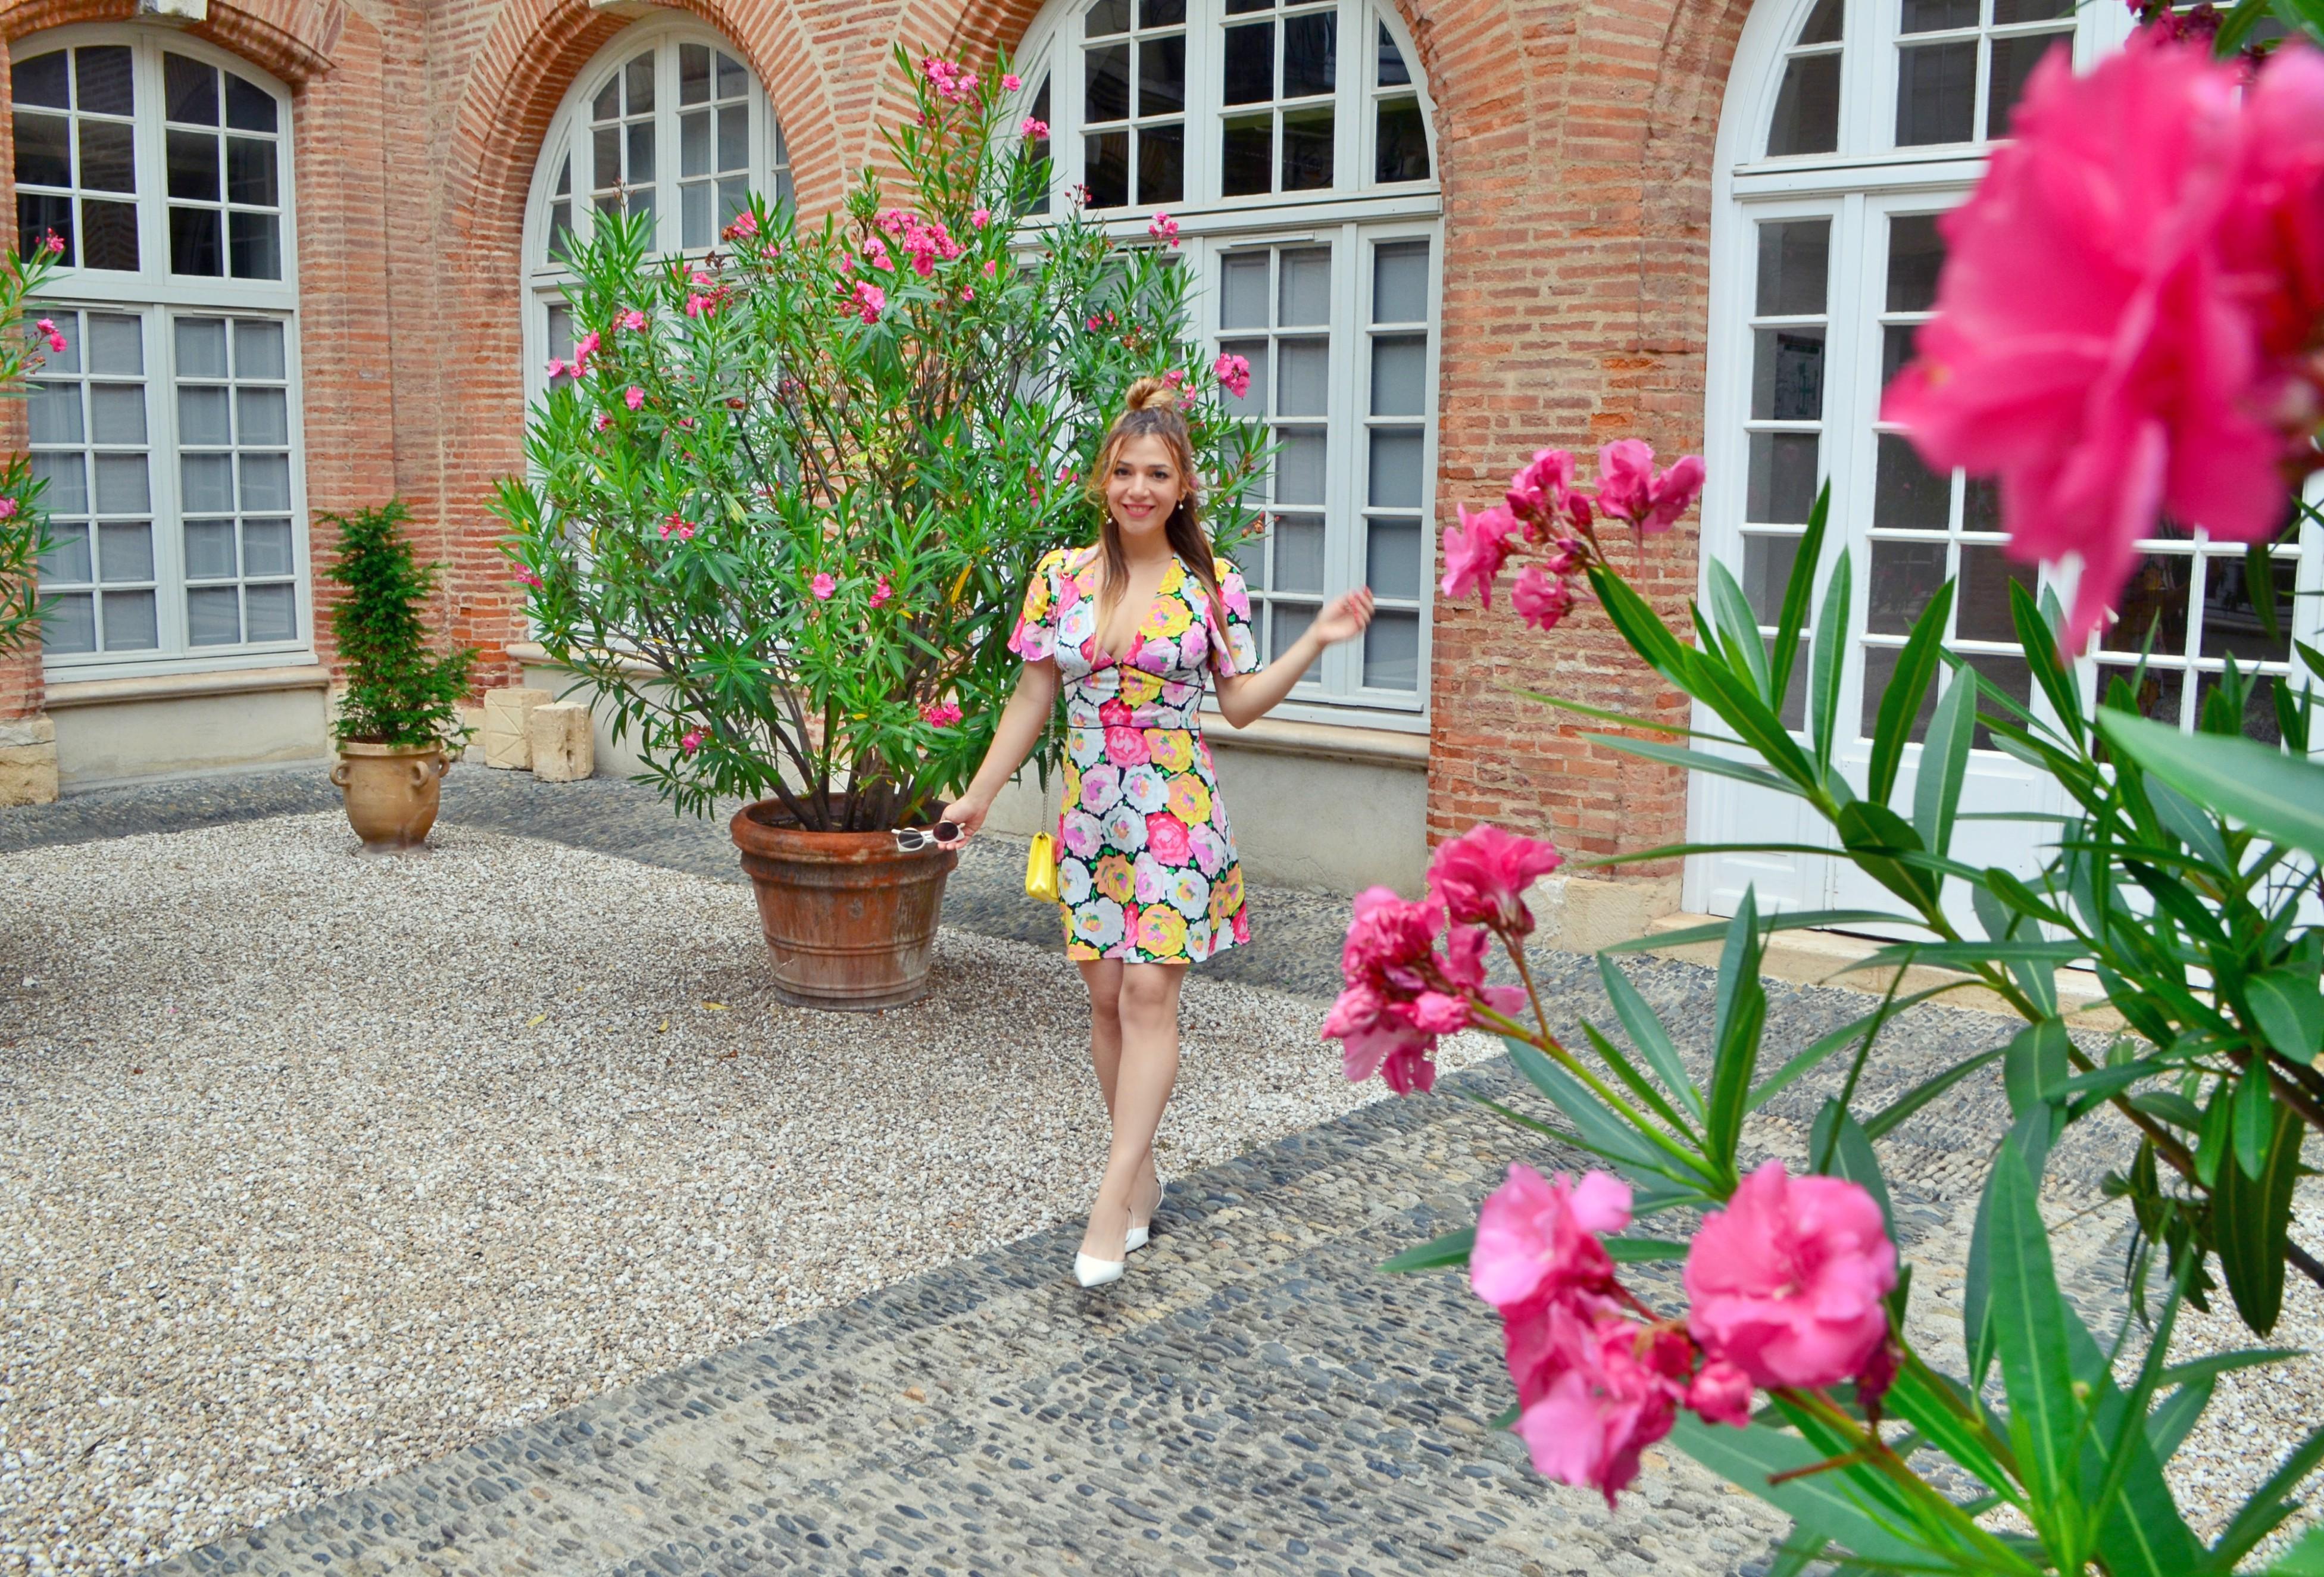 Blog-de-moda-ChicAdicta-fashionista-Chic-Adicta-zapatos-blancos-vestidos-zara-flower-dress-verono-PiensaenChic-Piensa-en-Chic